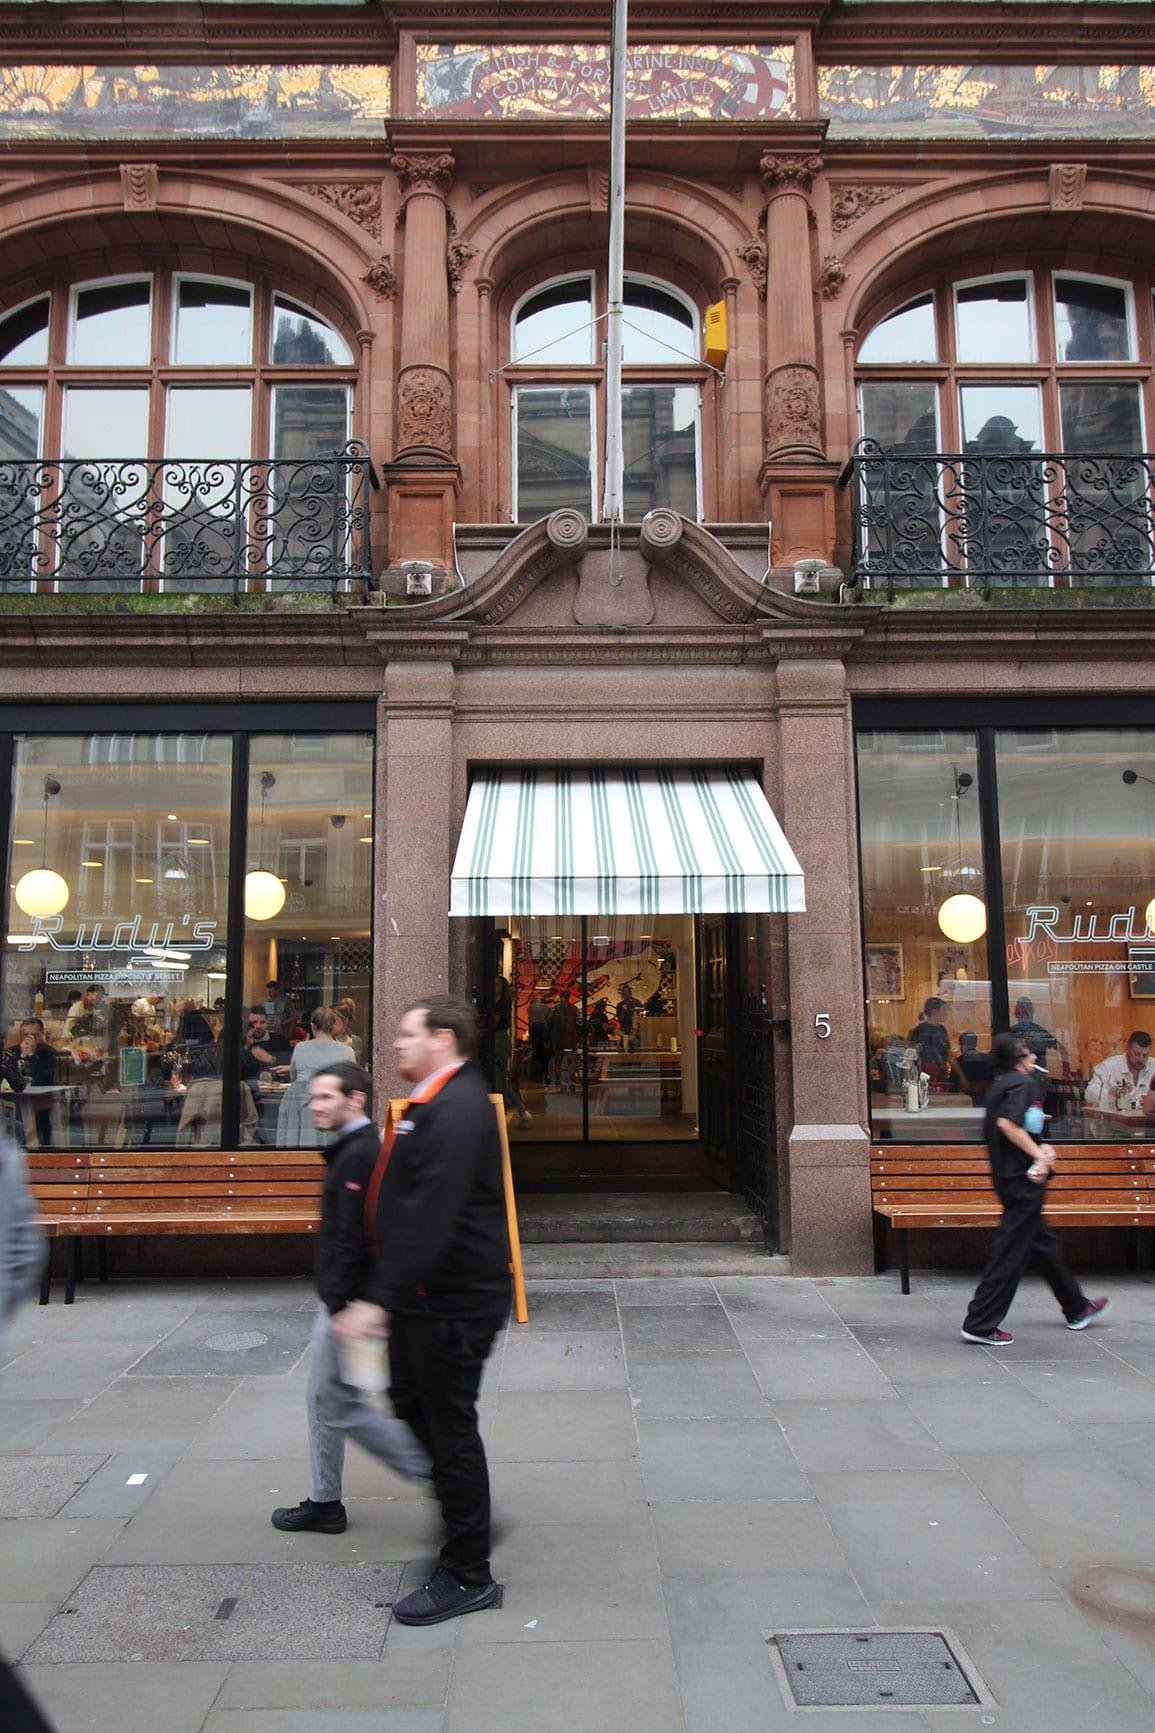 Rudy's Pizzeria Liverpool Architectural Emporium